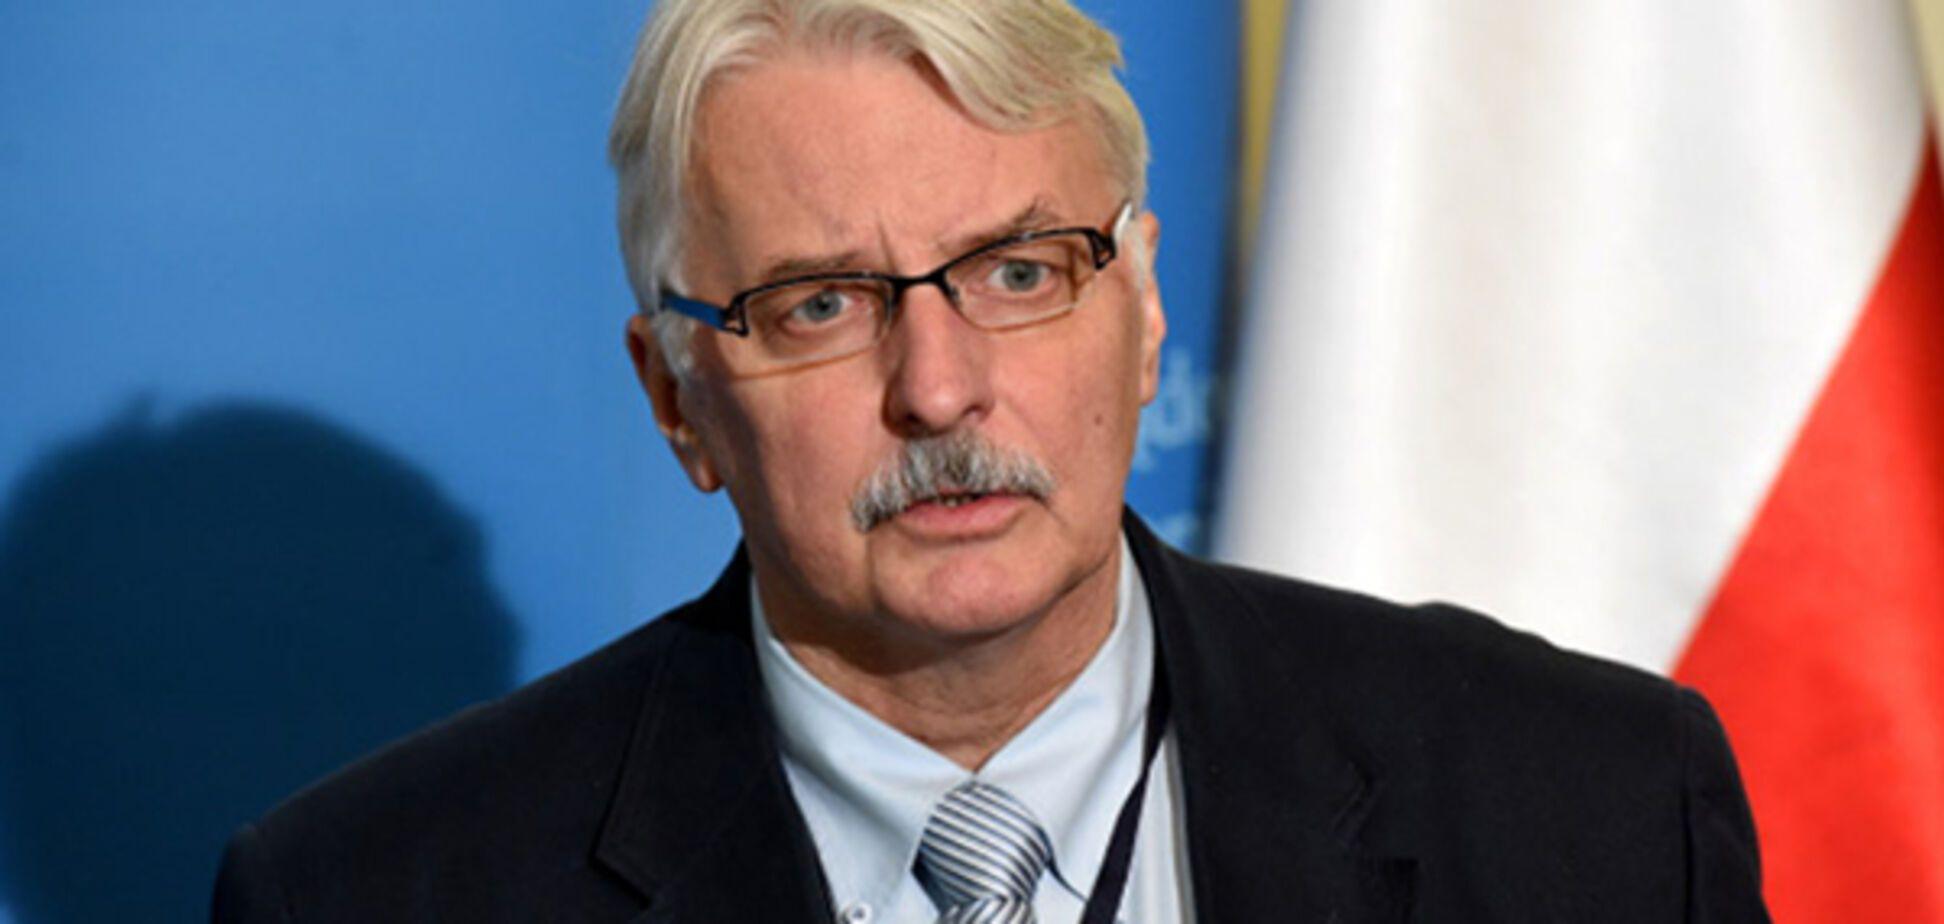 МИД Польши сделал жесткий выпад в адрес России: названа причина